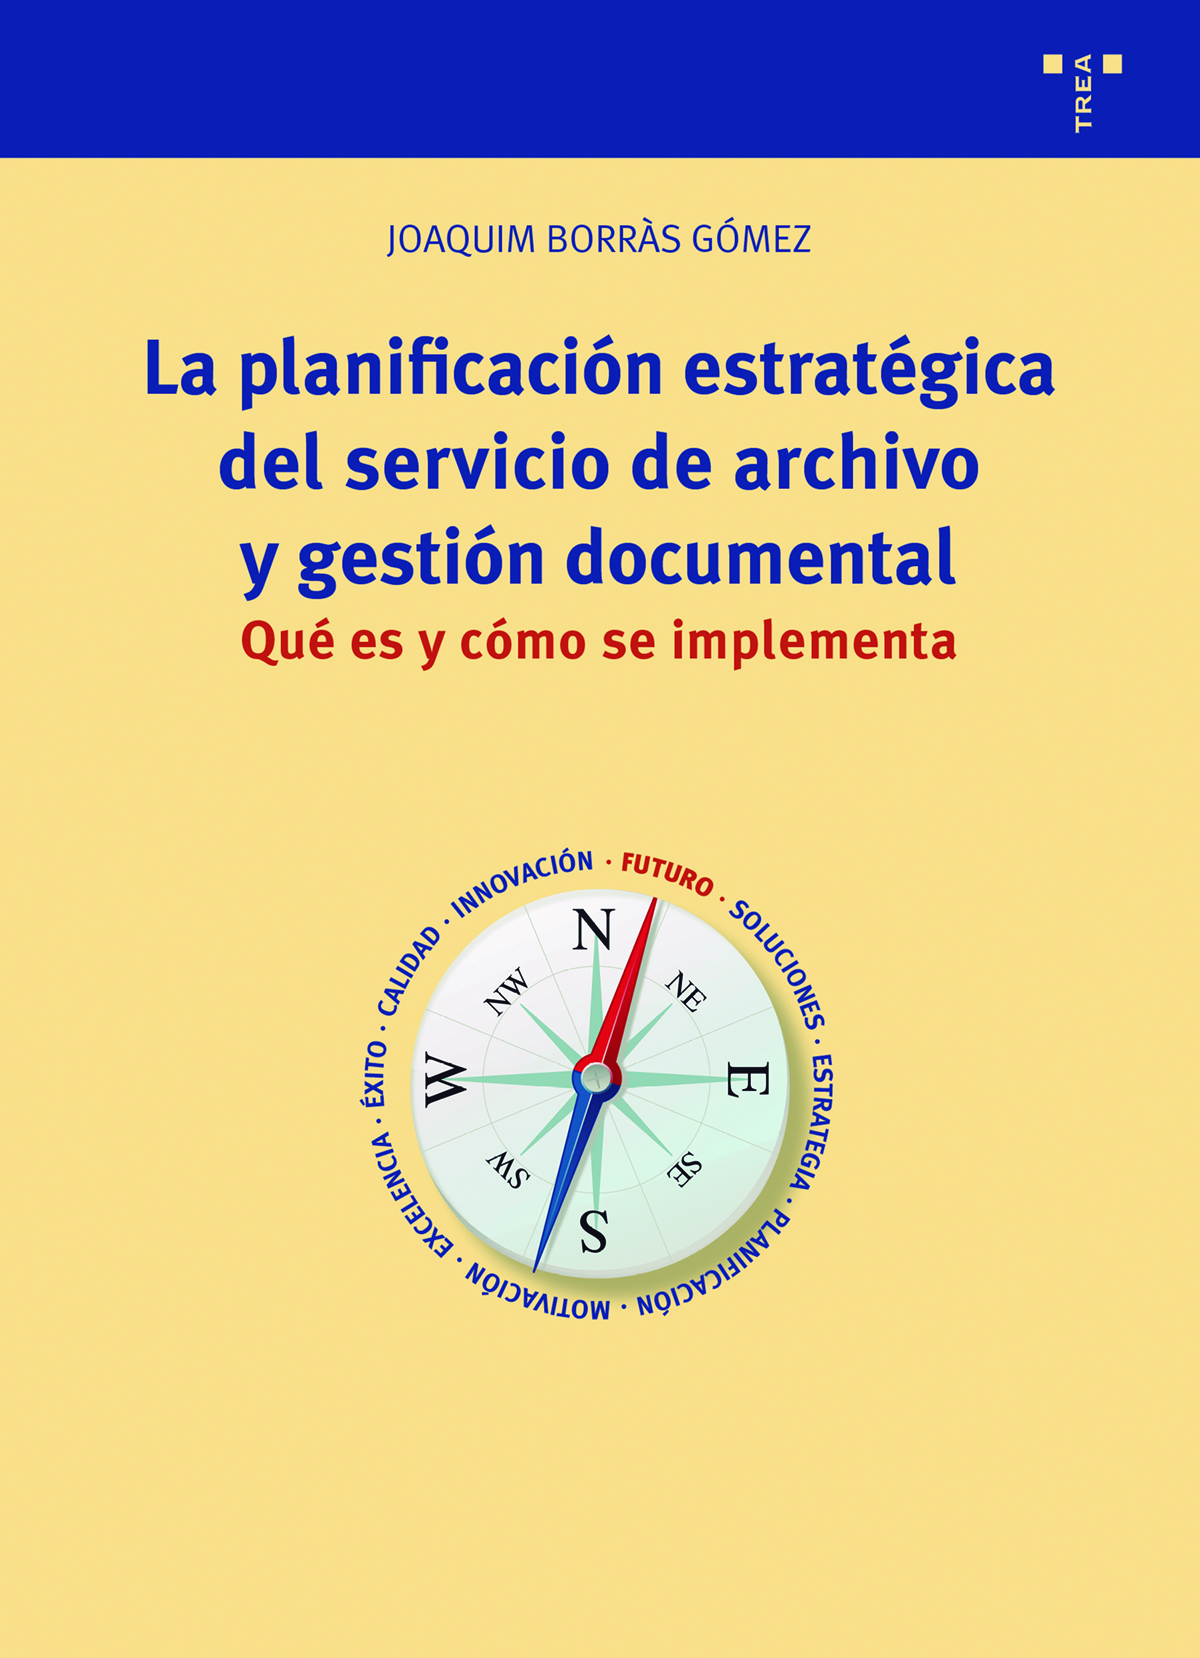 La planificación estratégica del servicio de archivo y gestión documental   «Qué es y cómo se implementa»